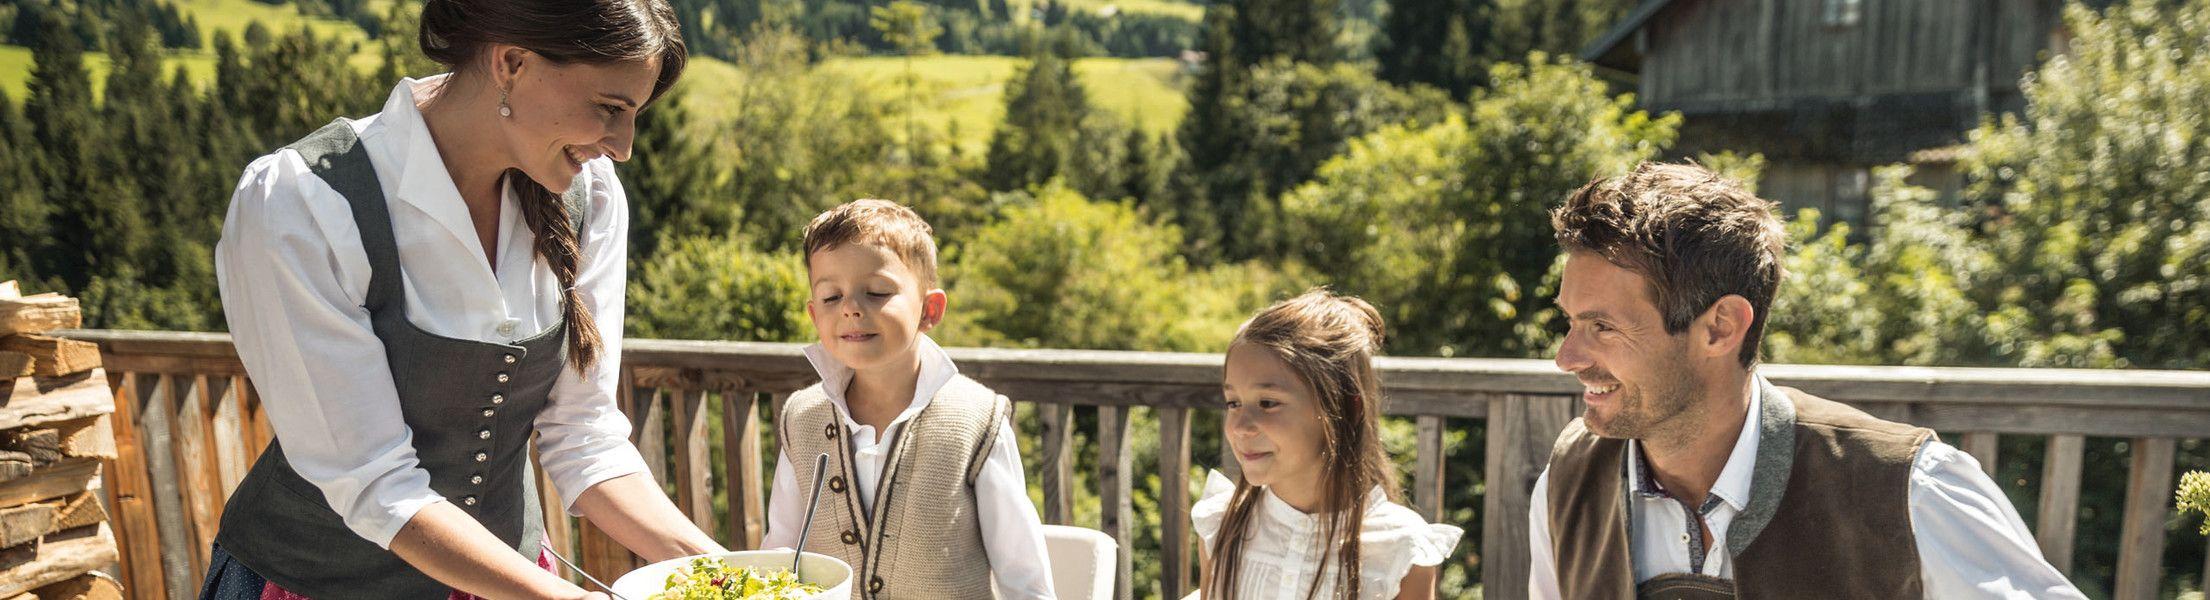 Familie am Tisch auf der Terrasse der Luxuslodge